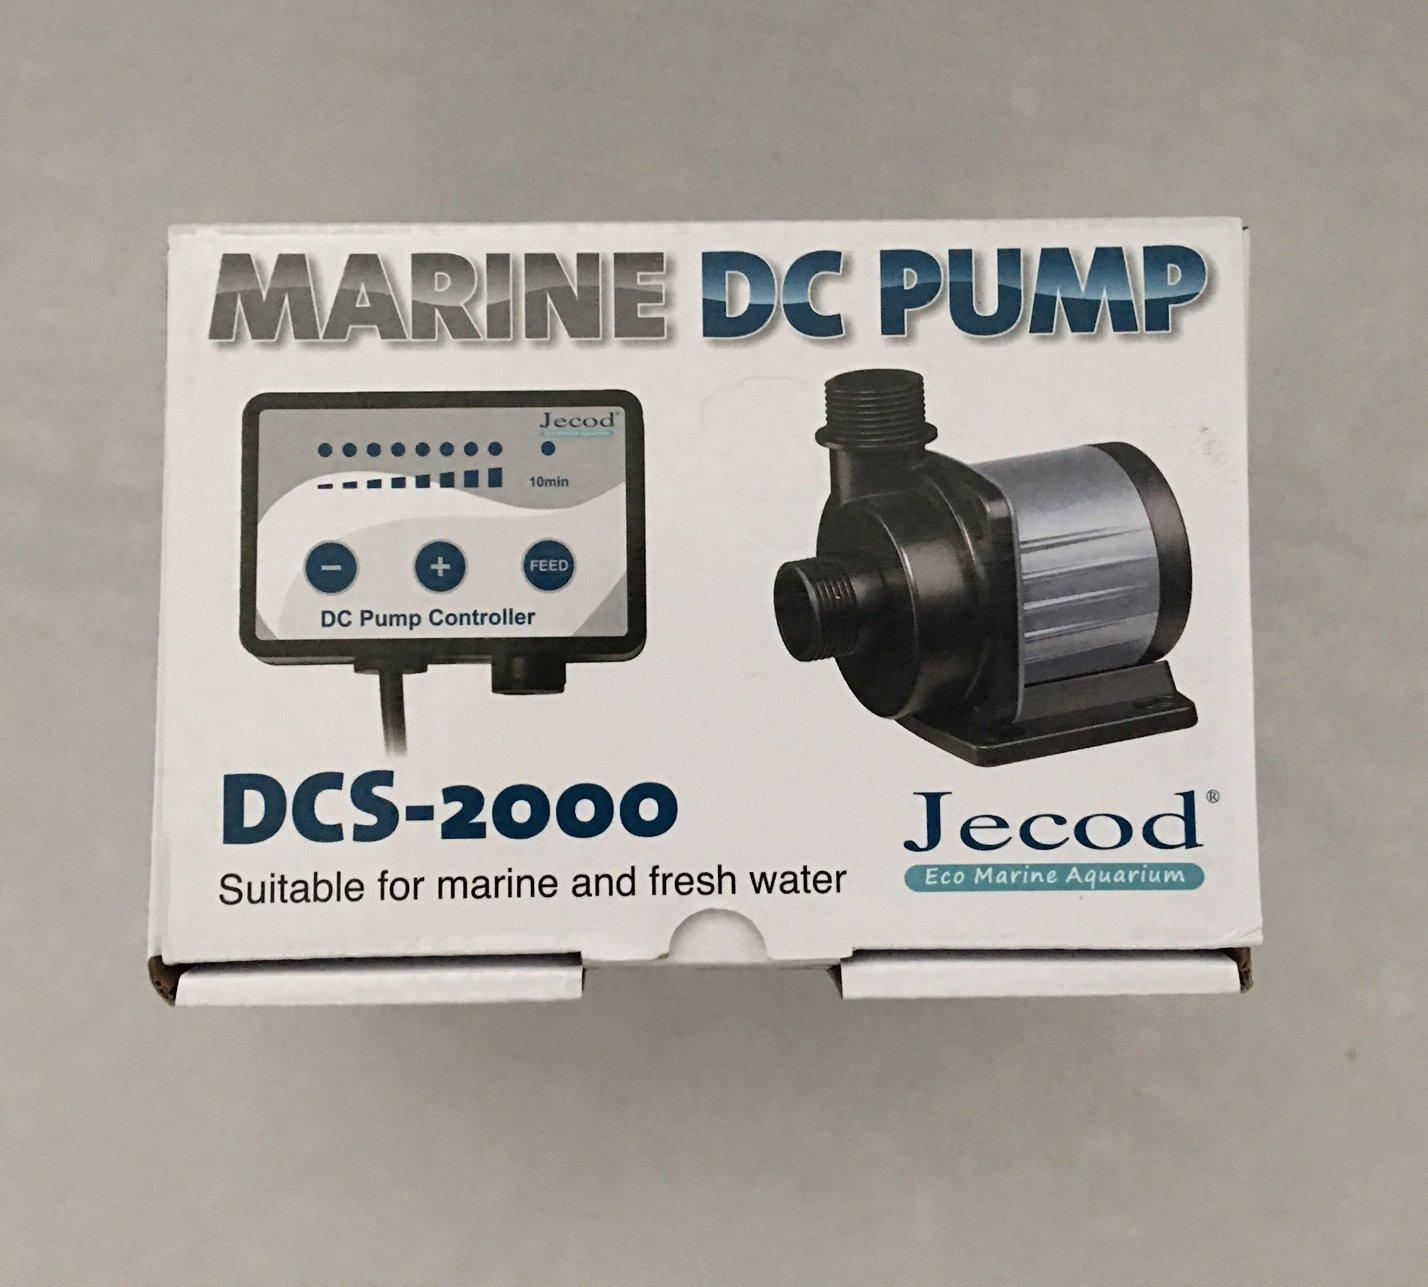 Jebao(Jecod) Marine Return Pumps DCS2000